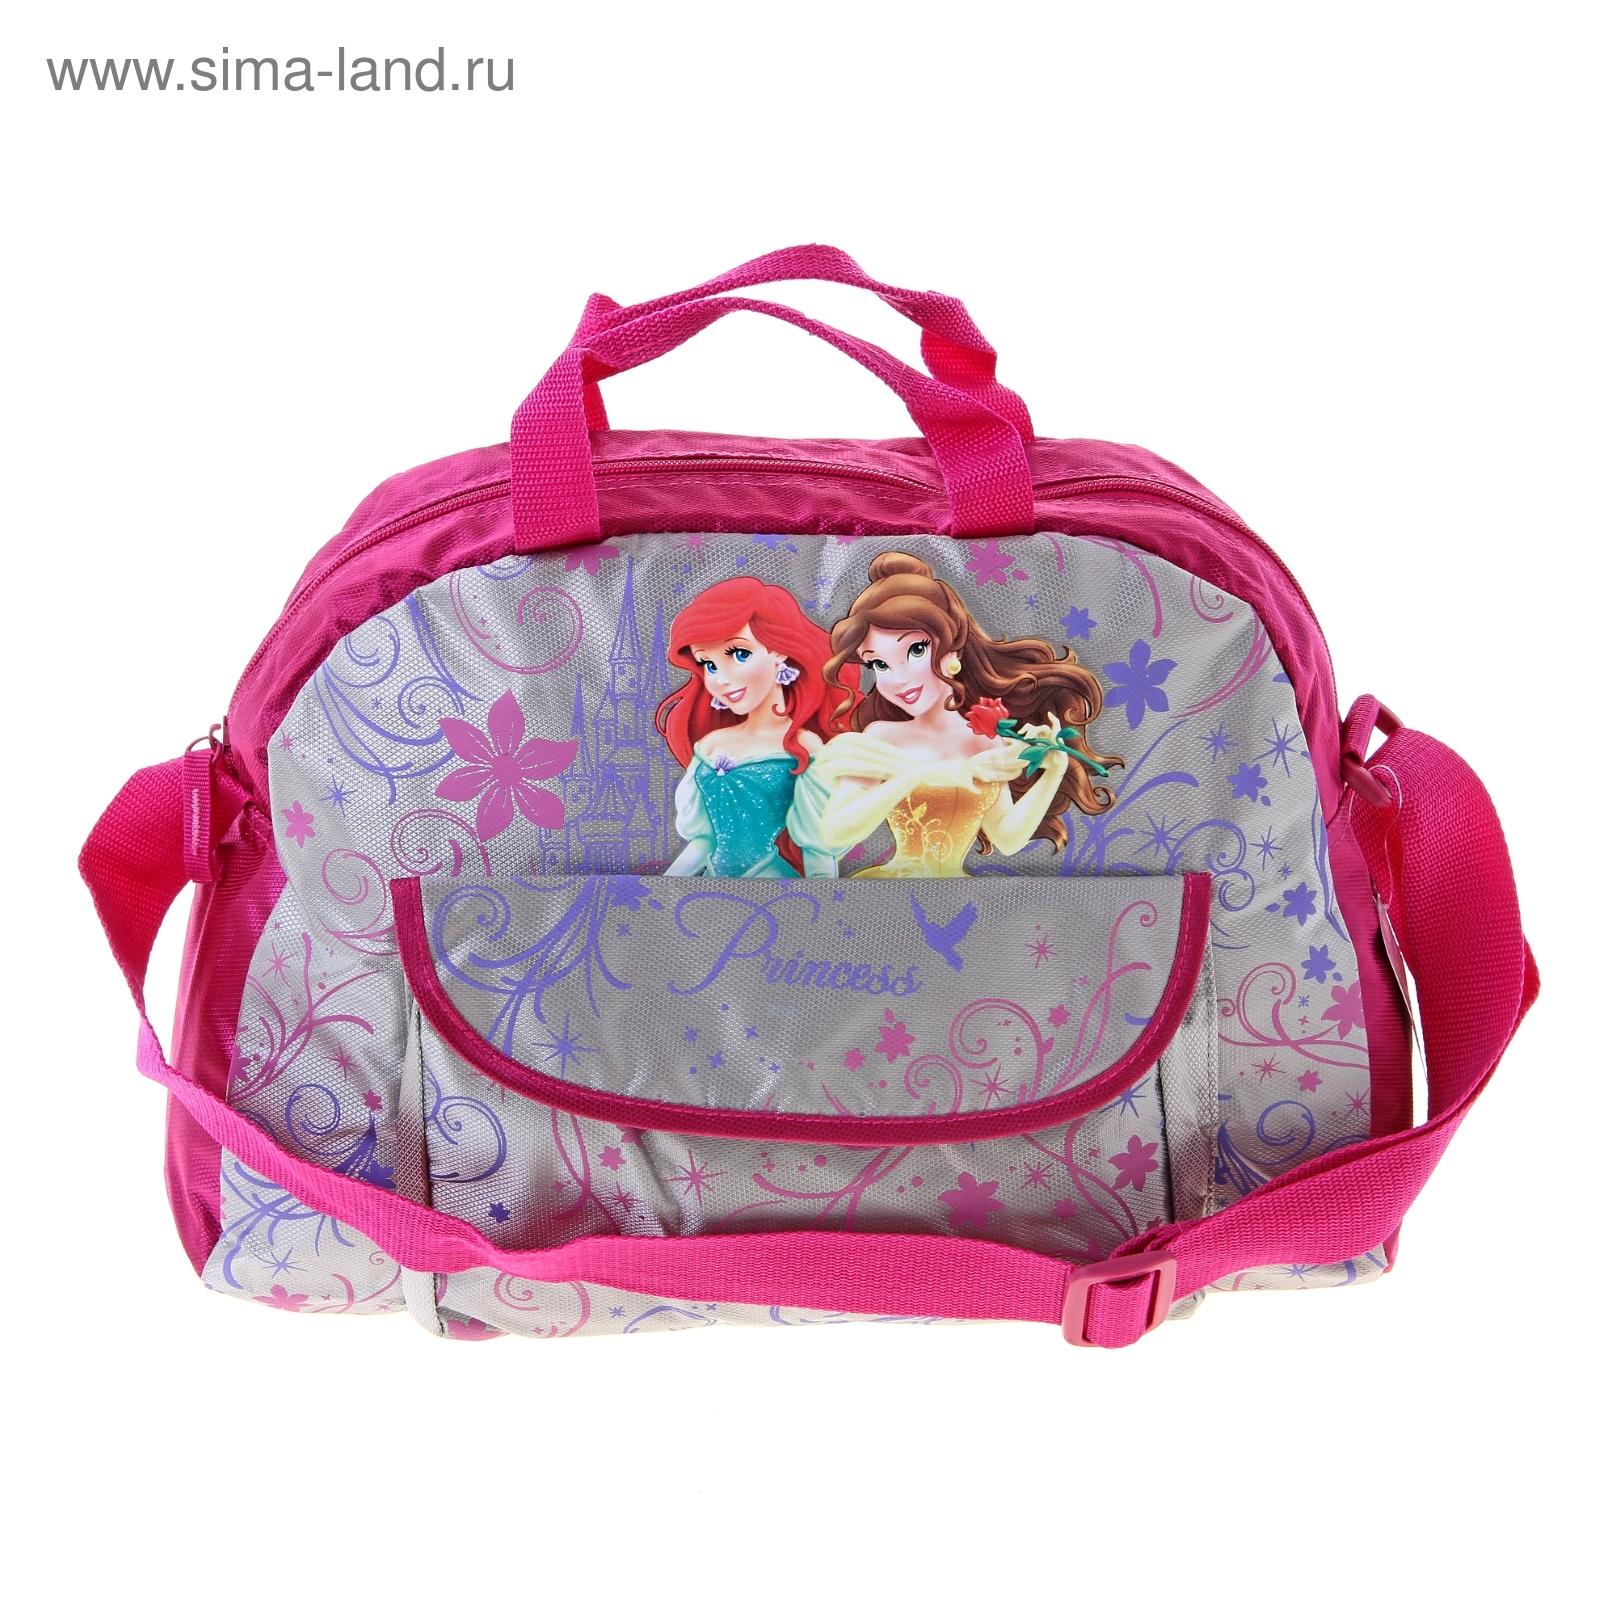 d4f20b5bdc4e Сумка спортивная детская Disney